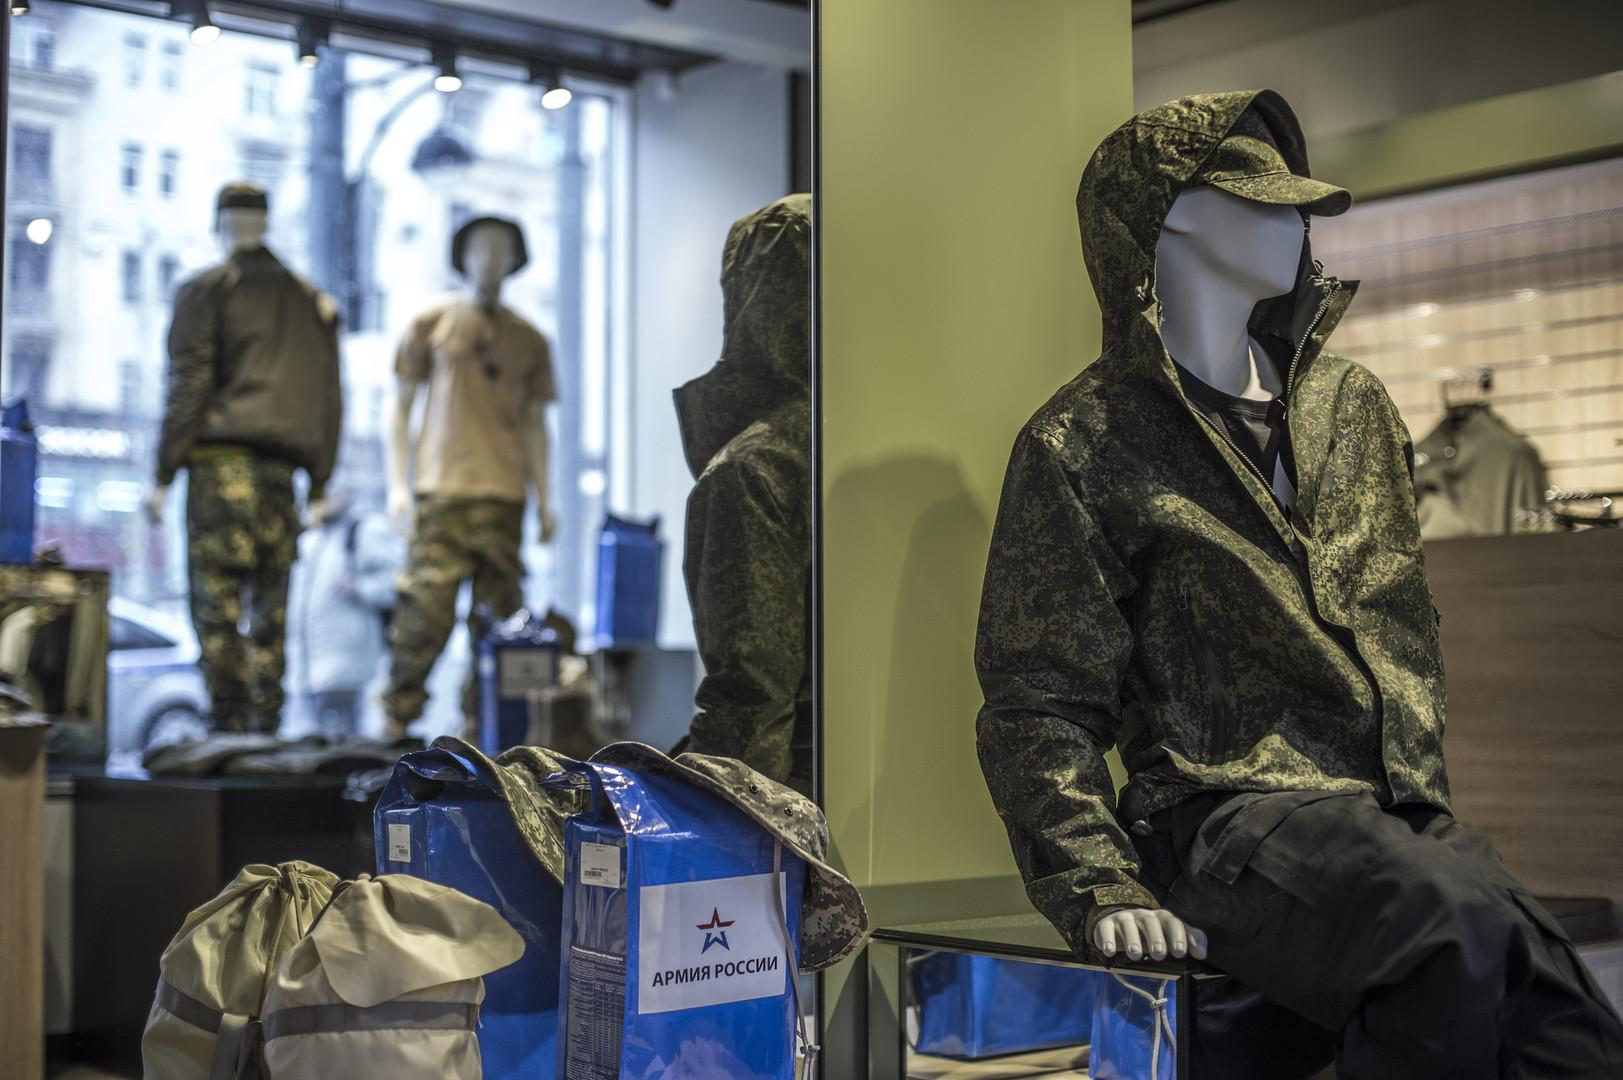 La marque de vêtements «Armée de Russie» à l'assaut des marchés étrangers (IMAGES)